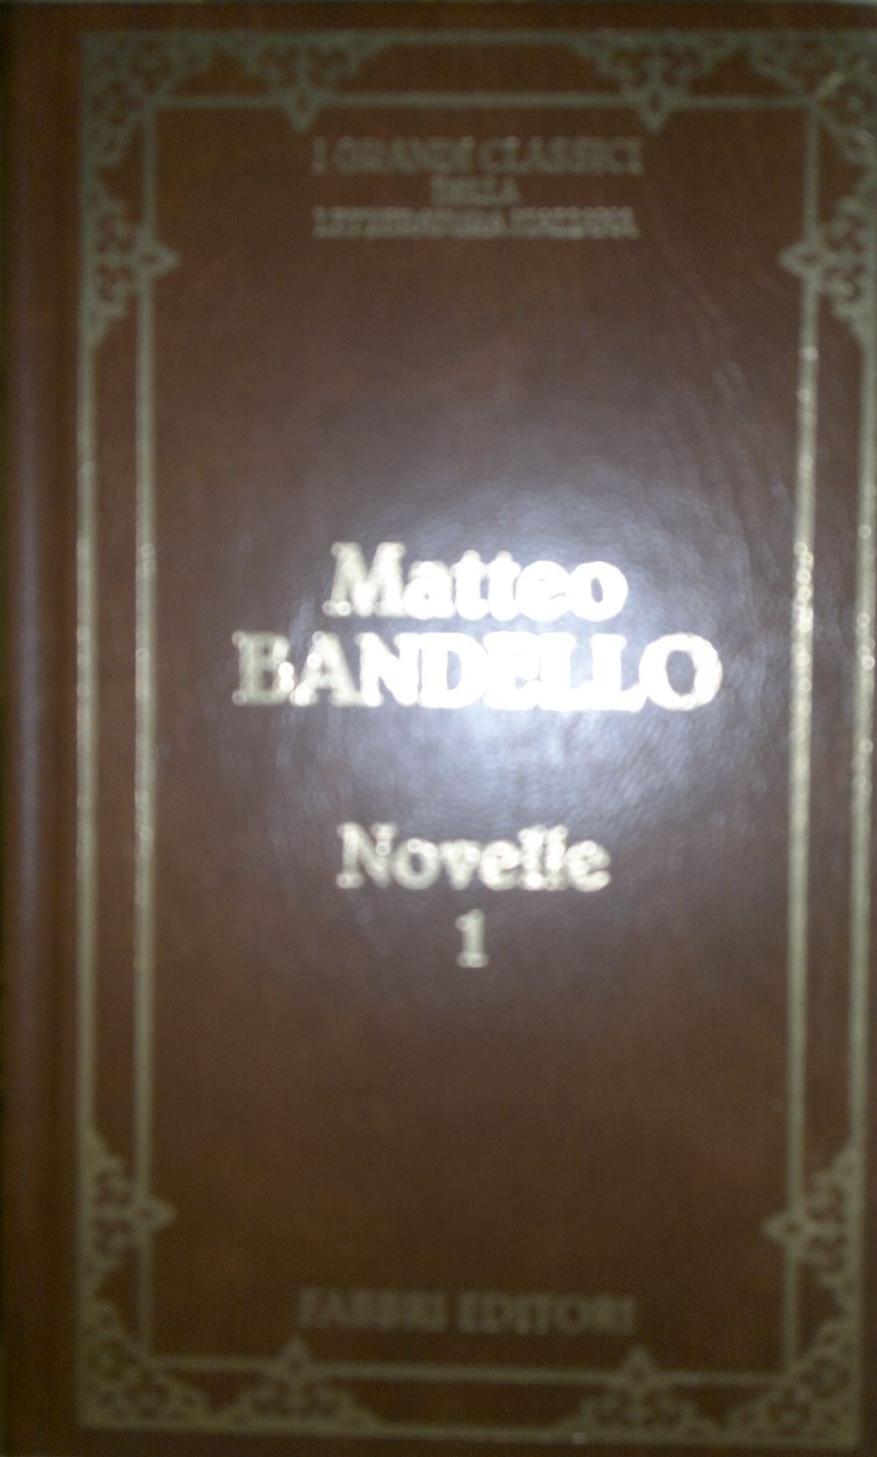 Novelle 1